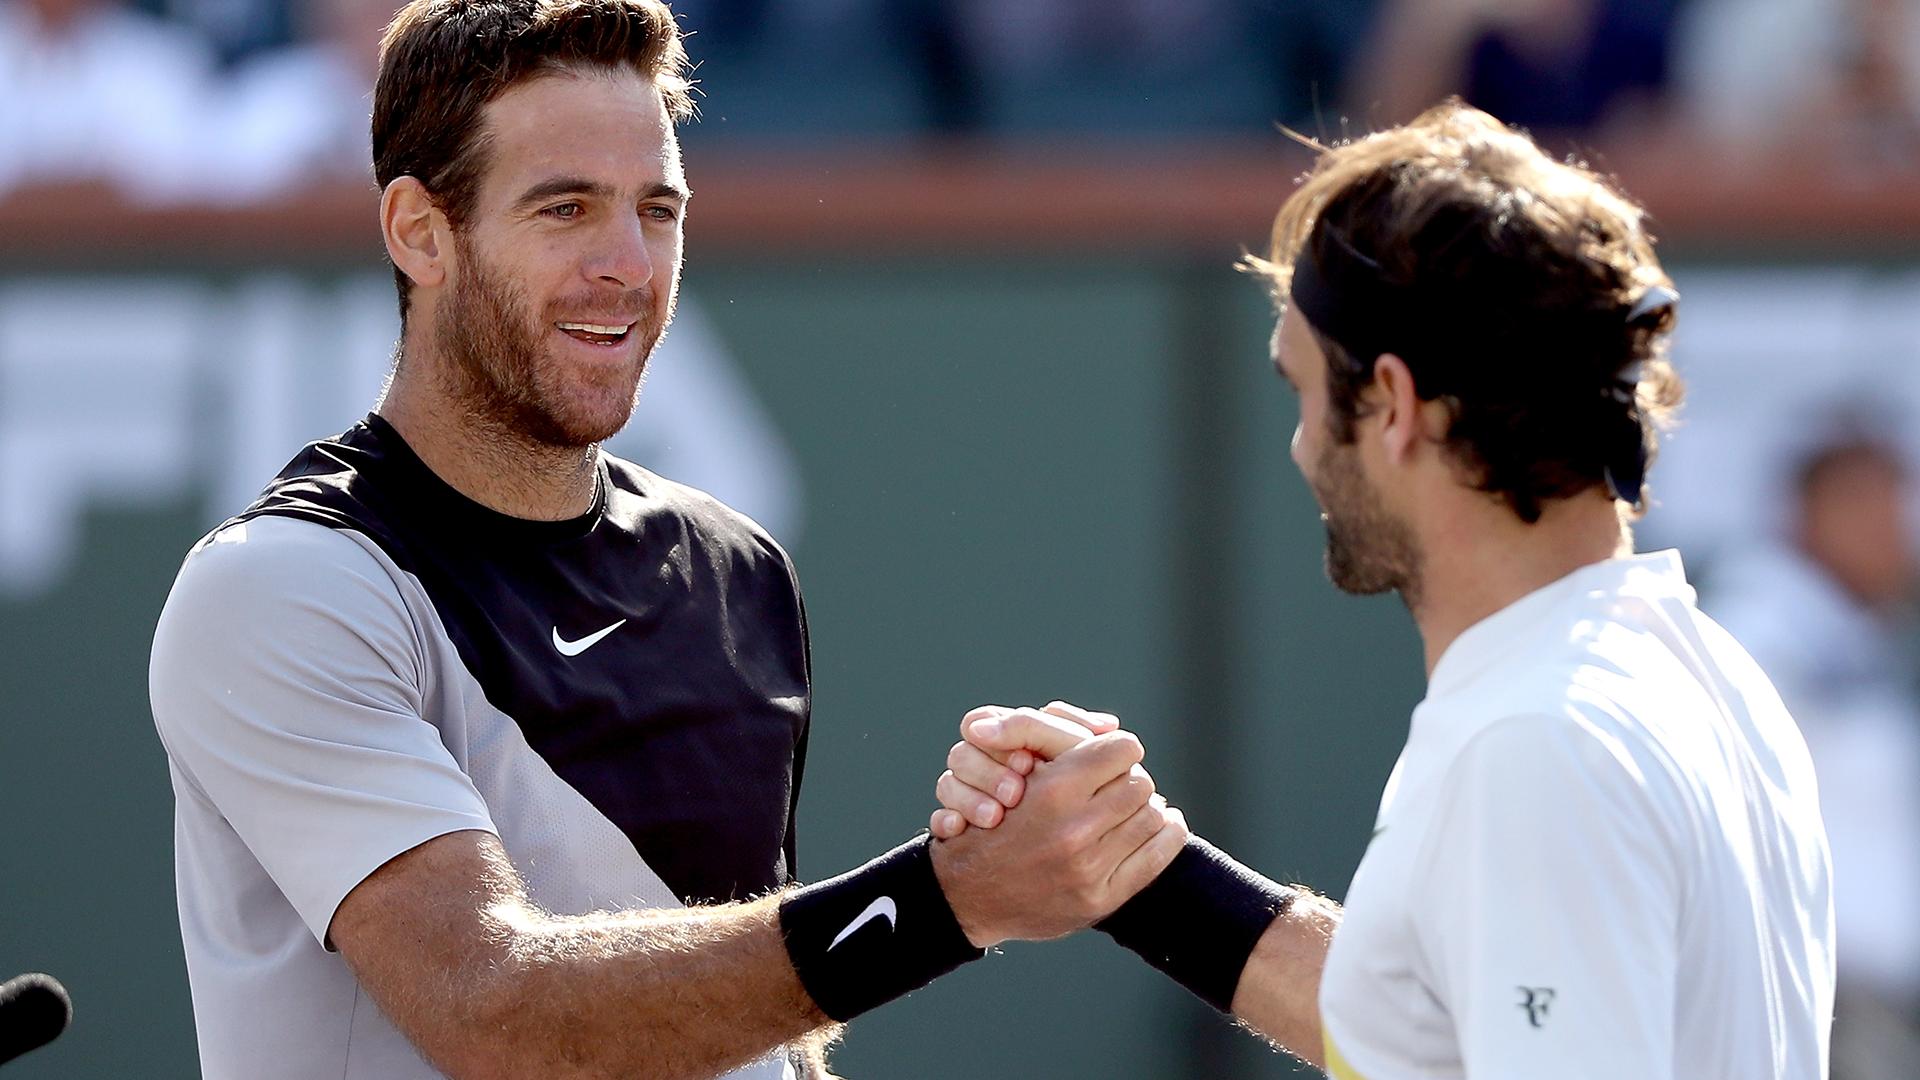 Fue el duelo número 25 entre ambos tenistas: Federer tiene ventaja de 18-7. Delpo gana 4-2 en finales (AFP)